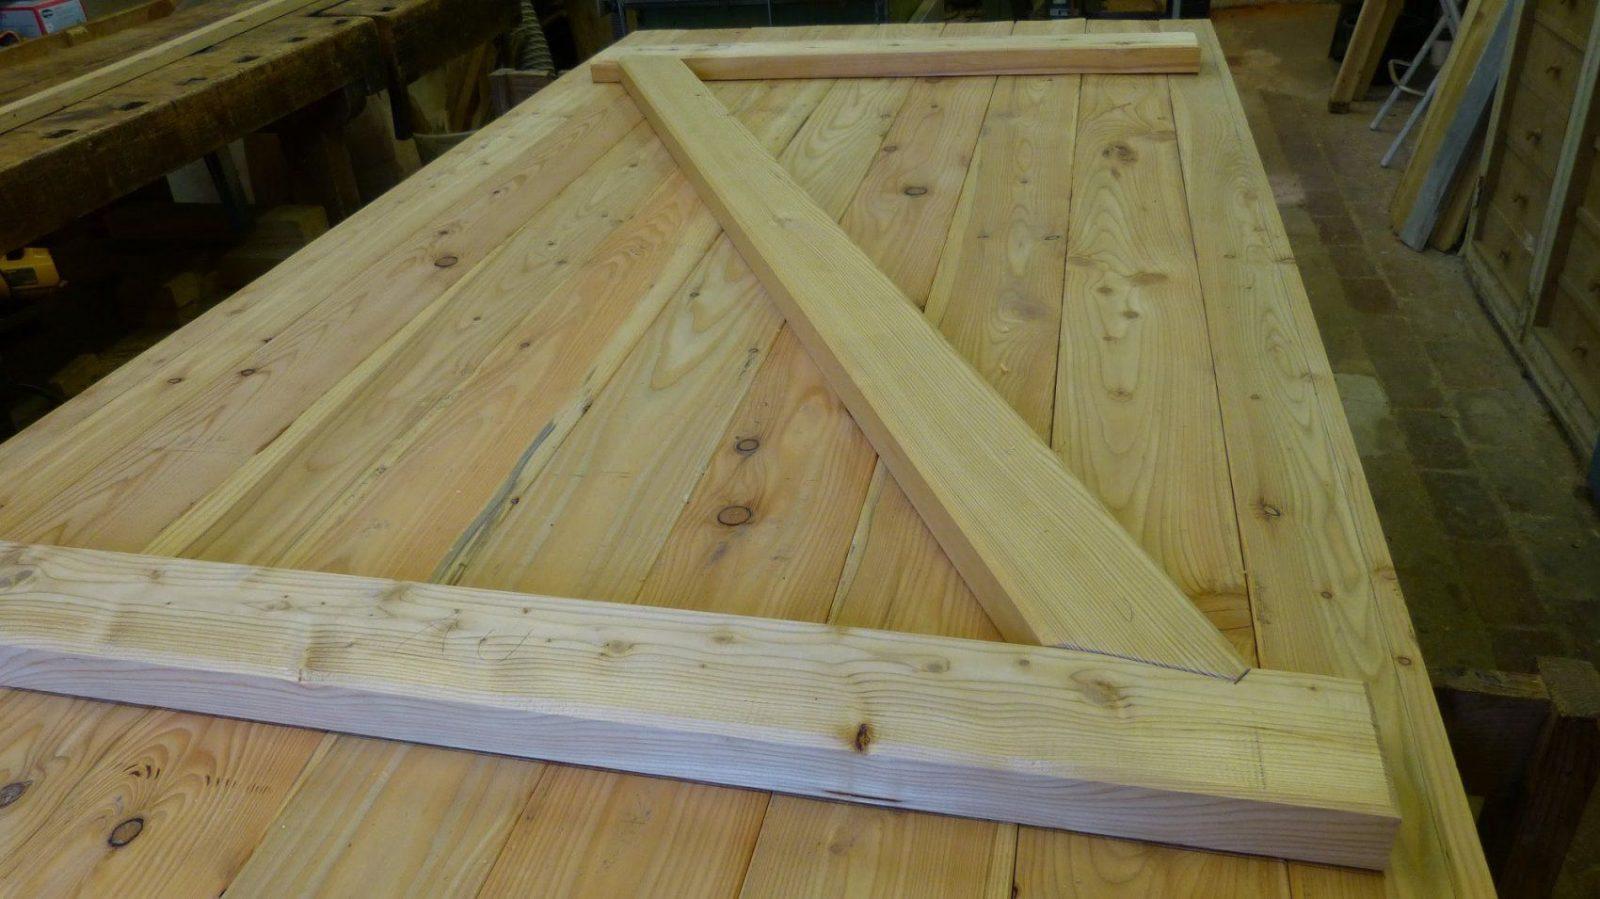 Brettertüre Mit Versatz Selber Herstellen Building A Batten Wood von Garagentor Holz Selber Bauen Bild